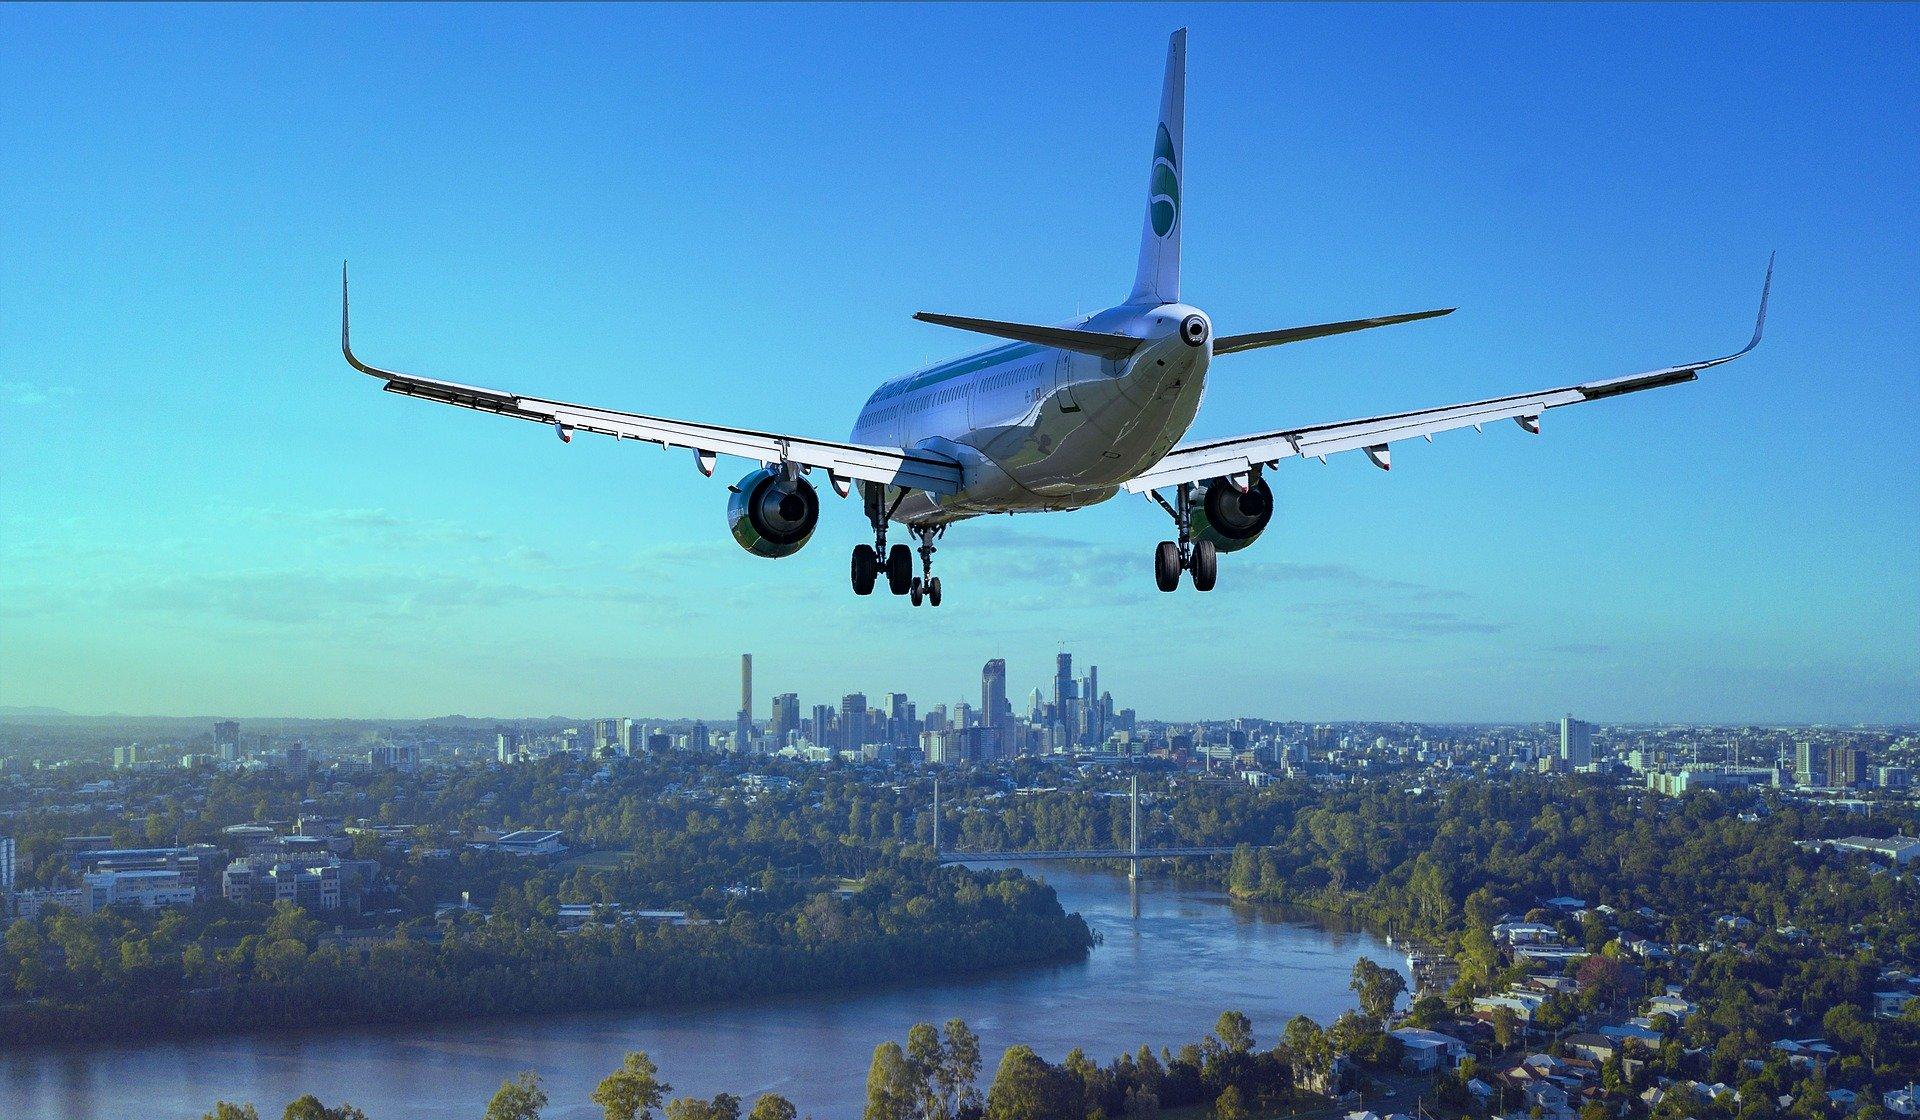 Ubezpieczenie od odwołanego lotu - wszystko co musisz wiedzieć